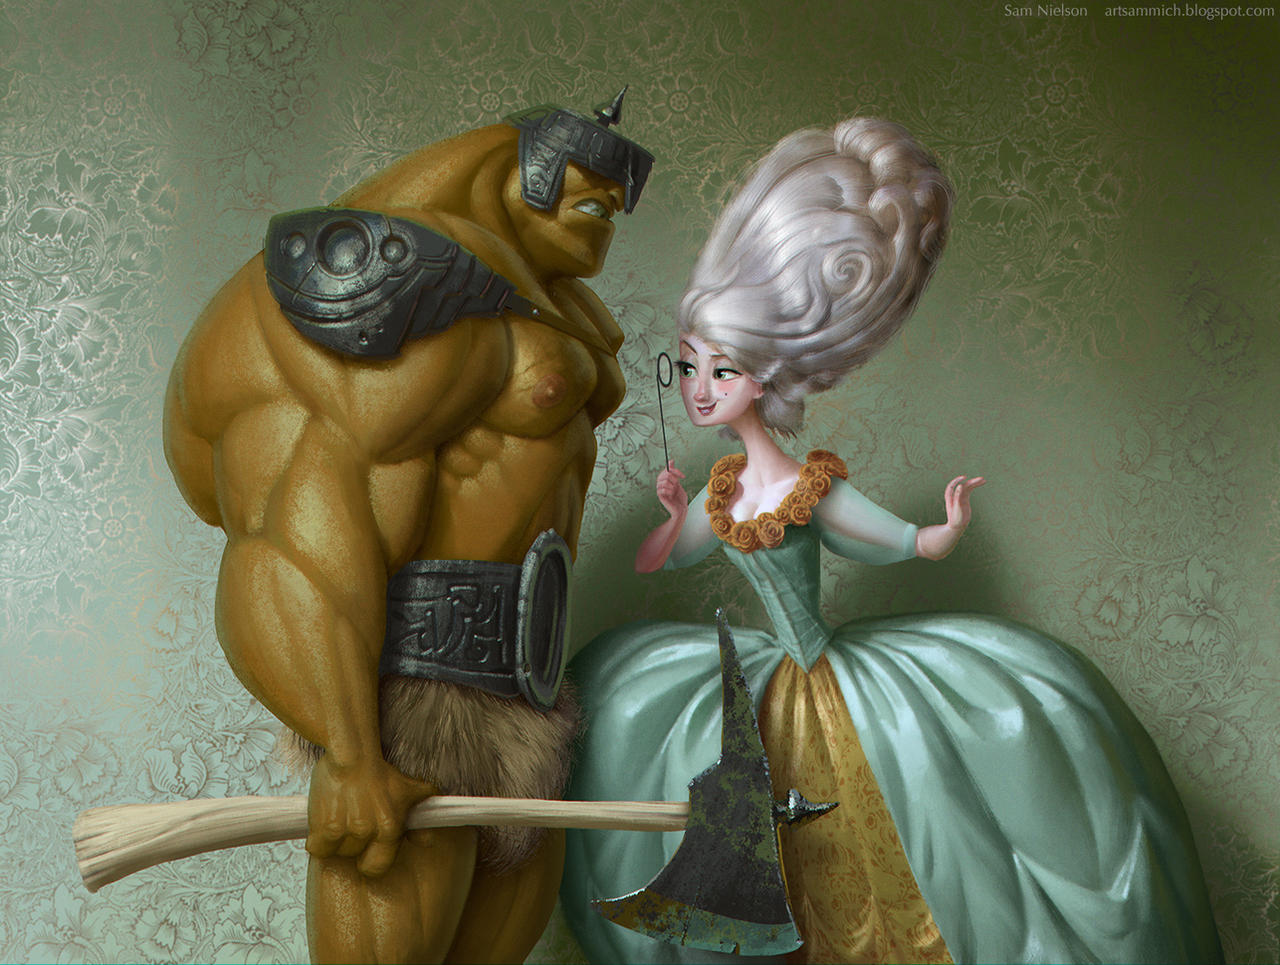 Meet the Duchess by Artsammich